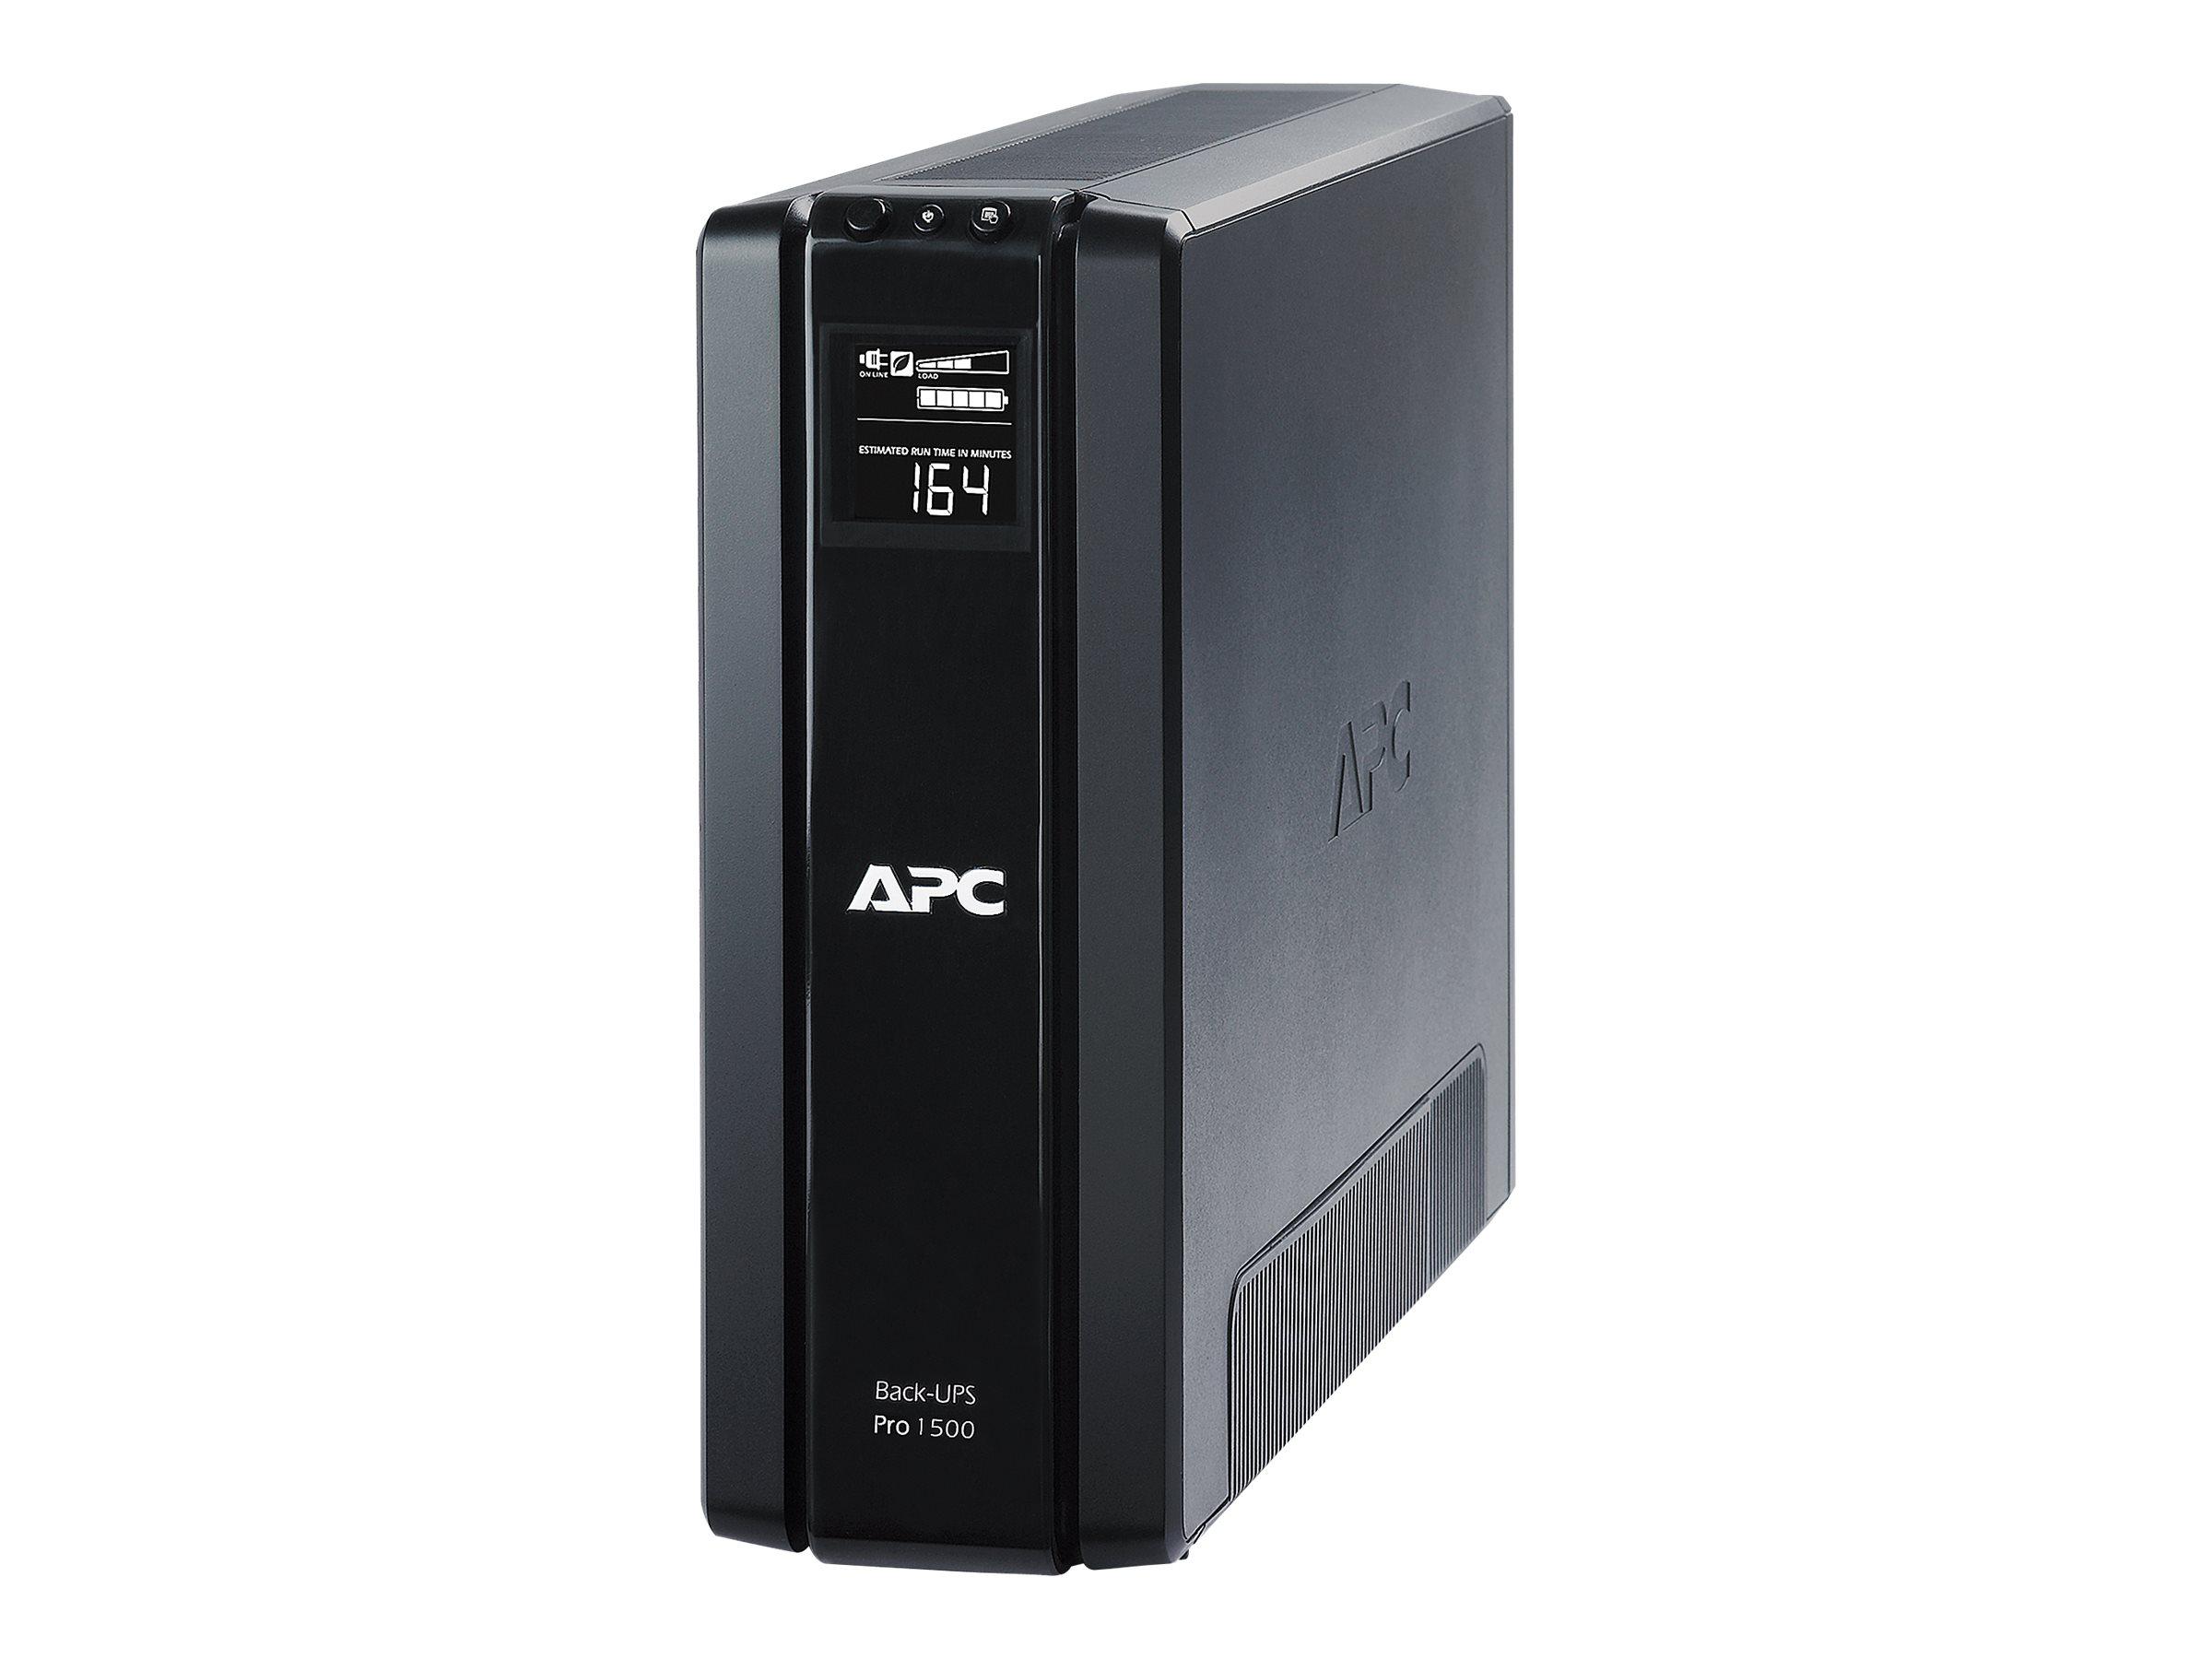 APC Back-UPS Pro 1500 - UPS - 865 Watt - 1500 VA